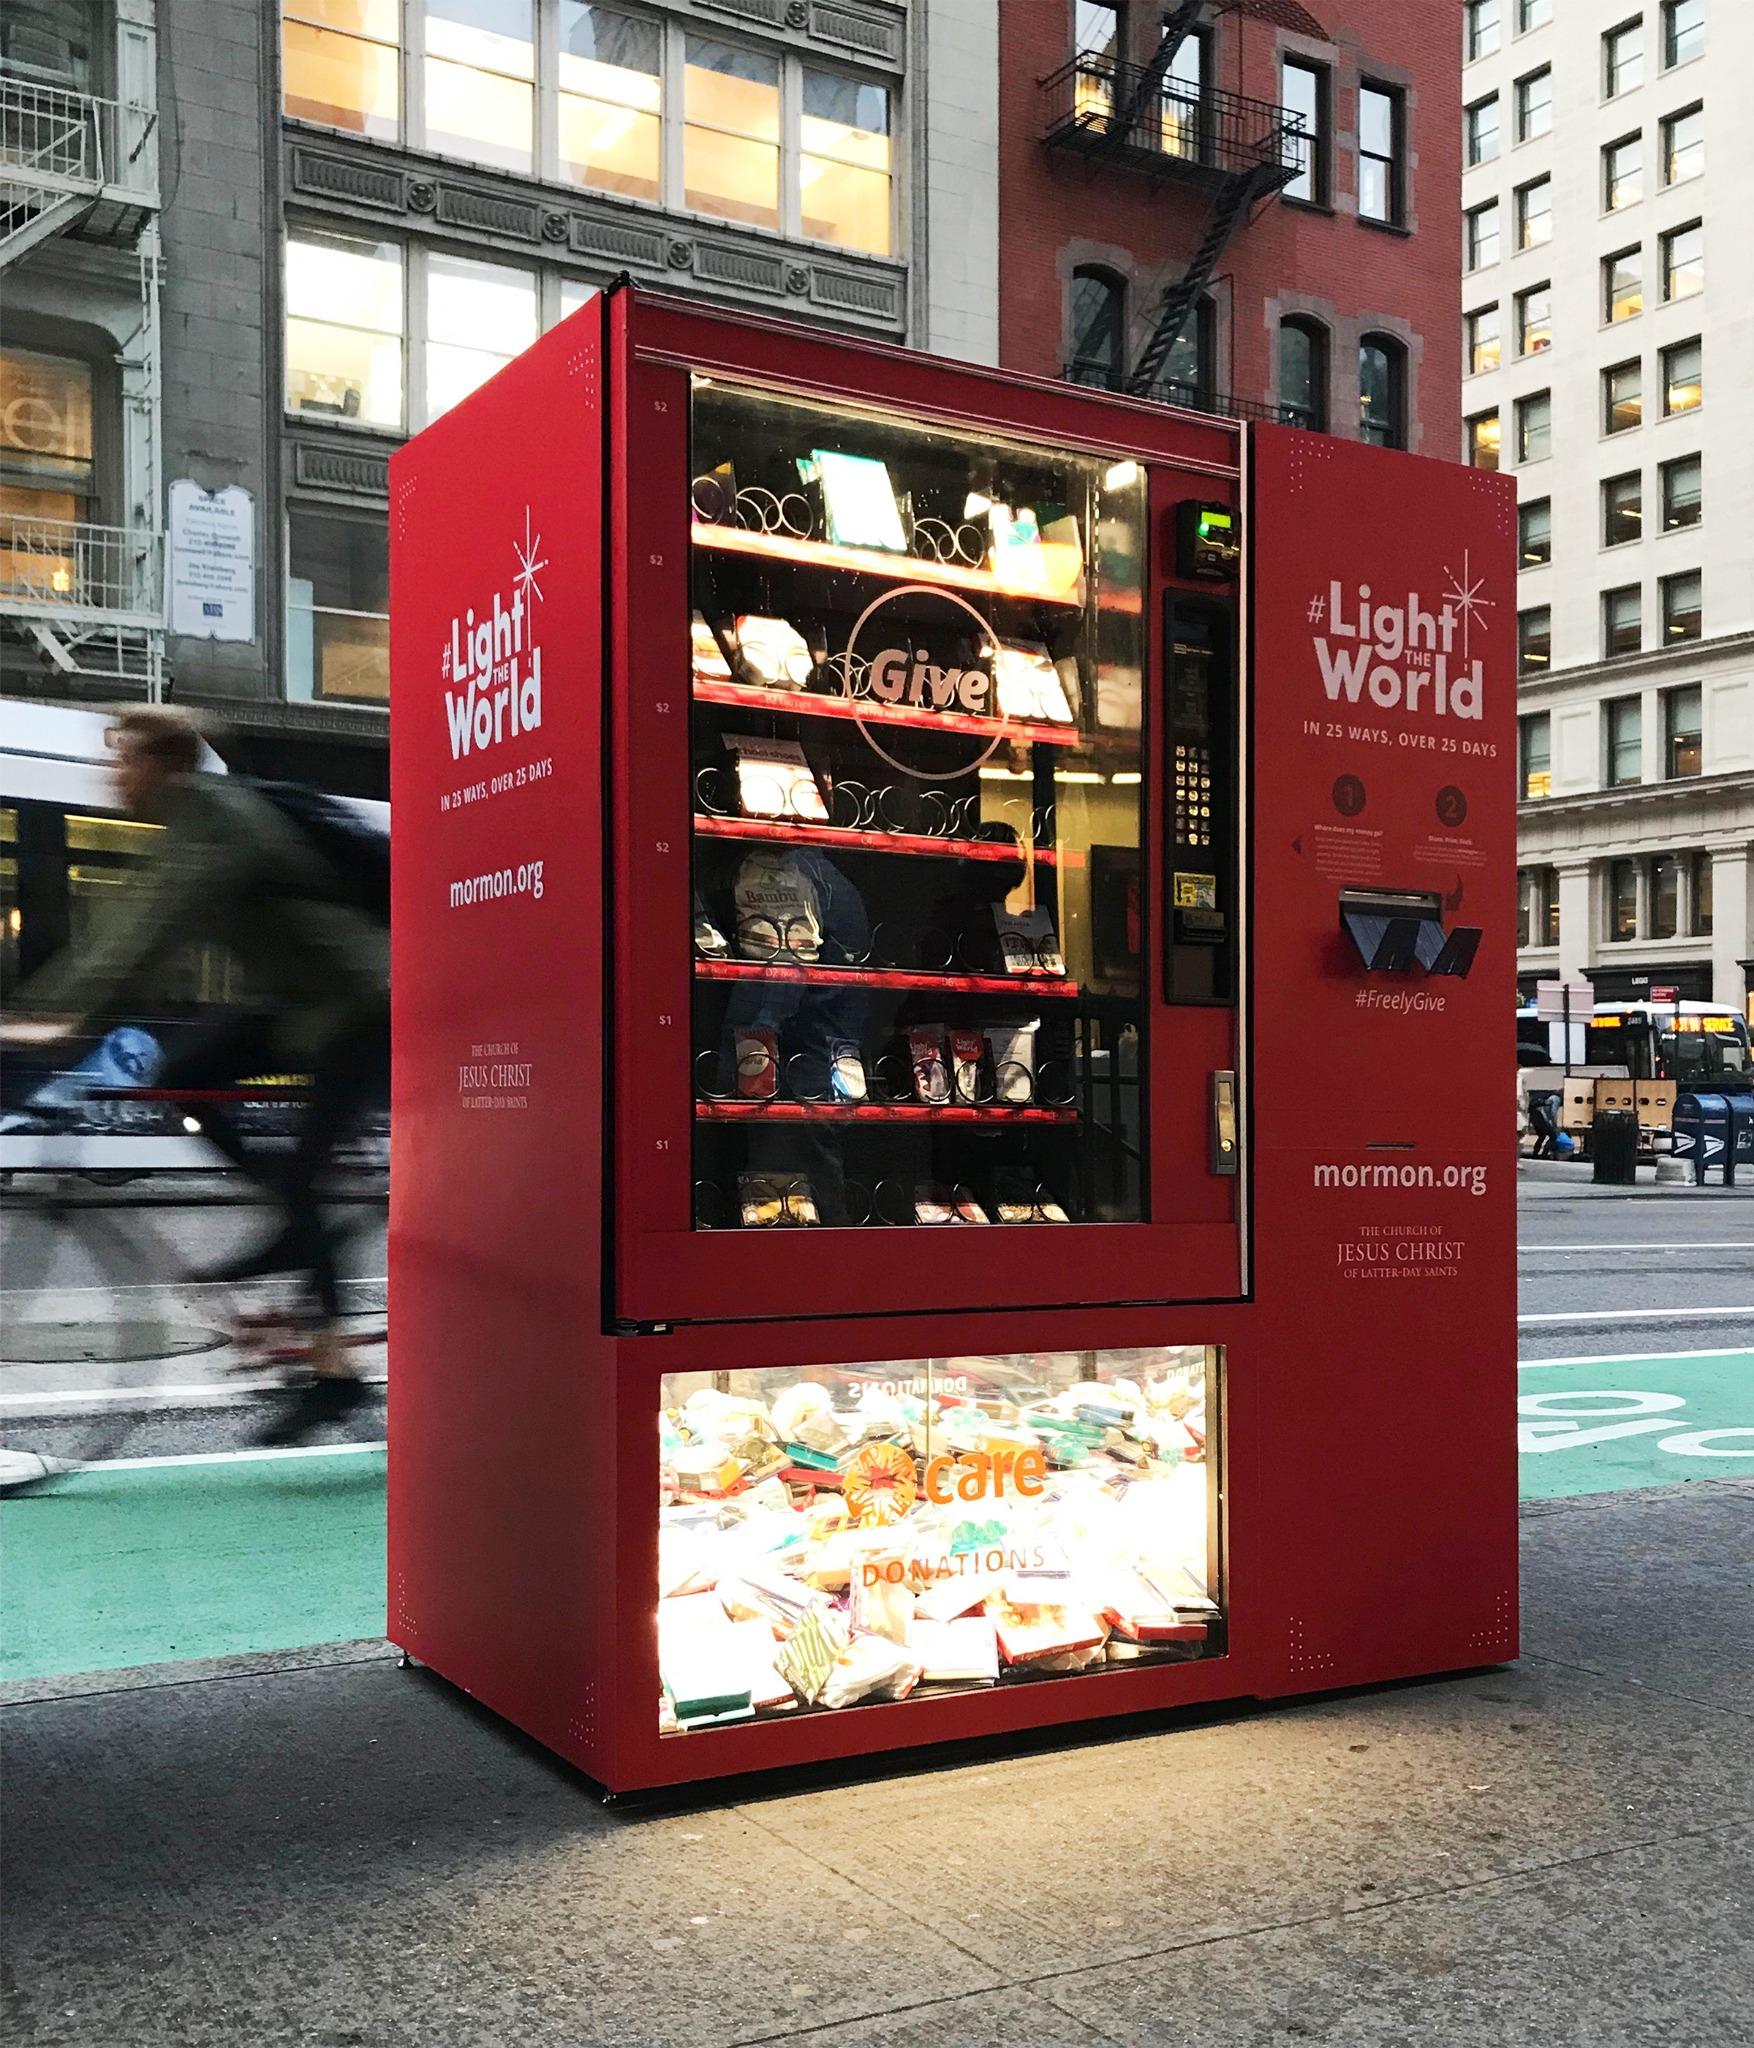 Una Máquina de donativos es colocada en una calle de la ciudad de Nueva York. La máquina es un medio para donar a los necesitados durante la temporada Navideña.